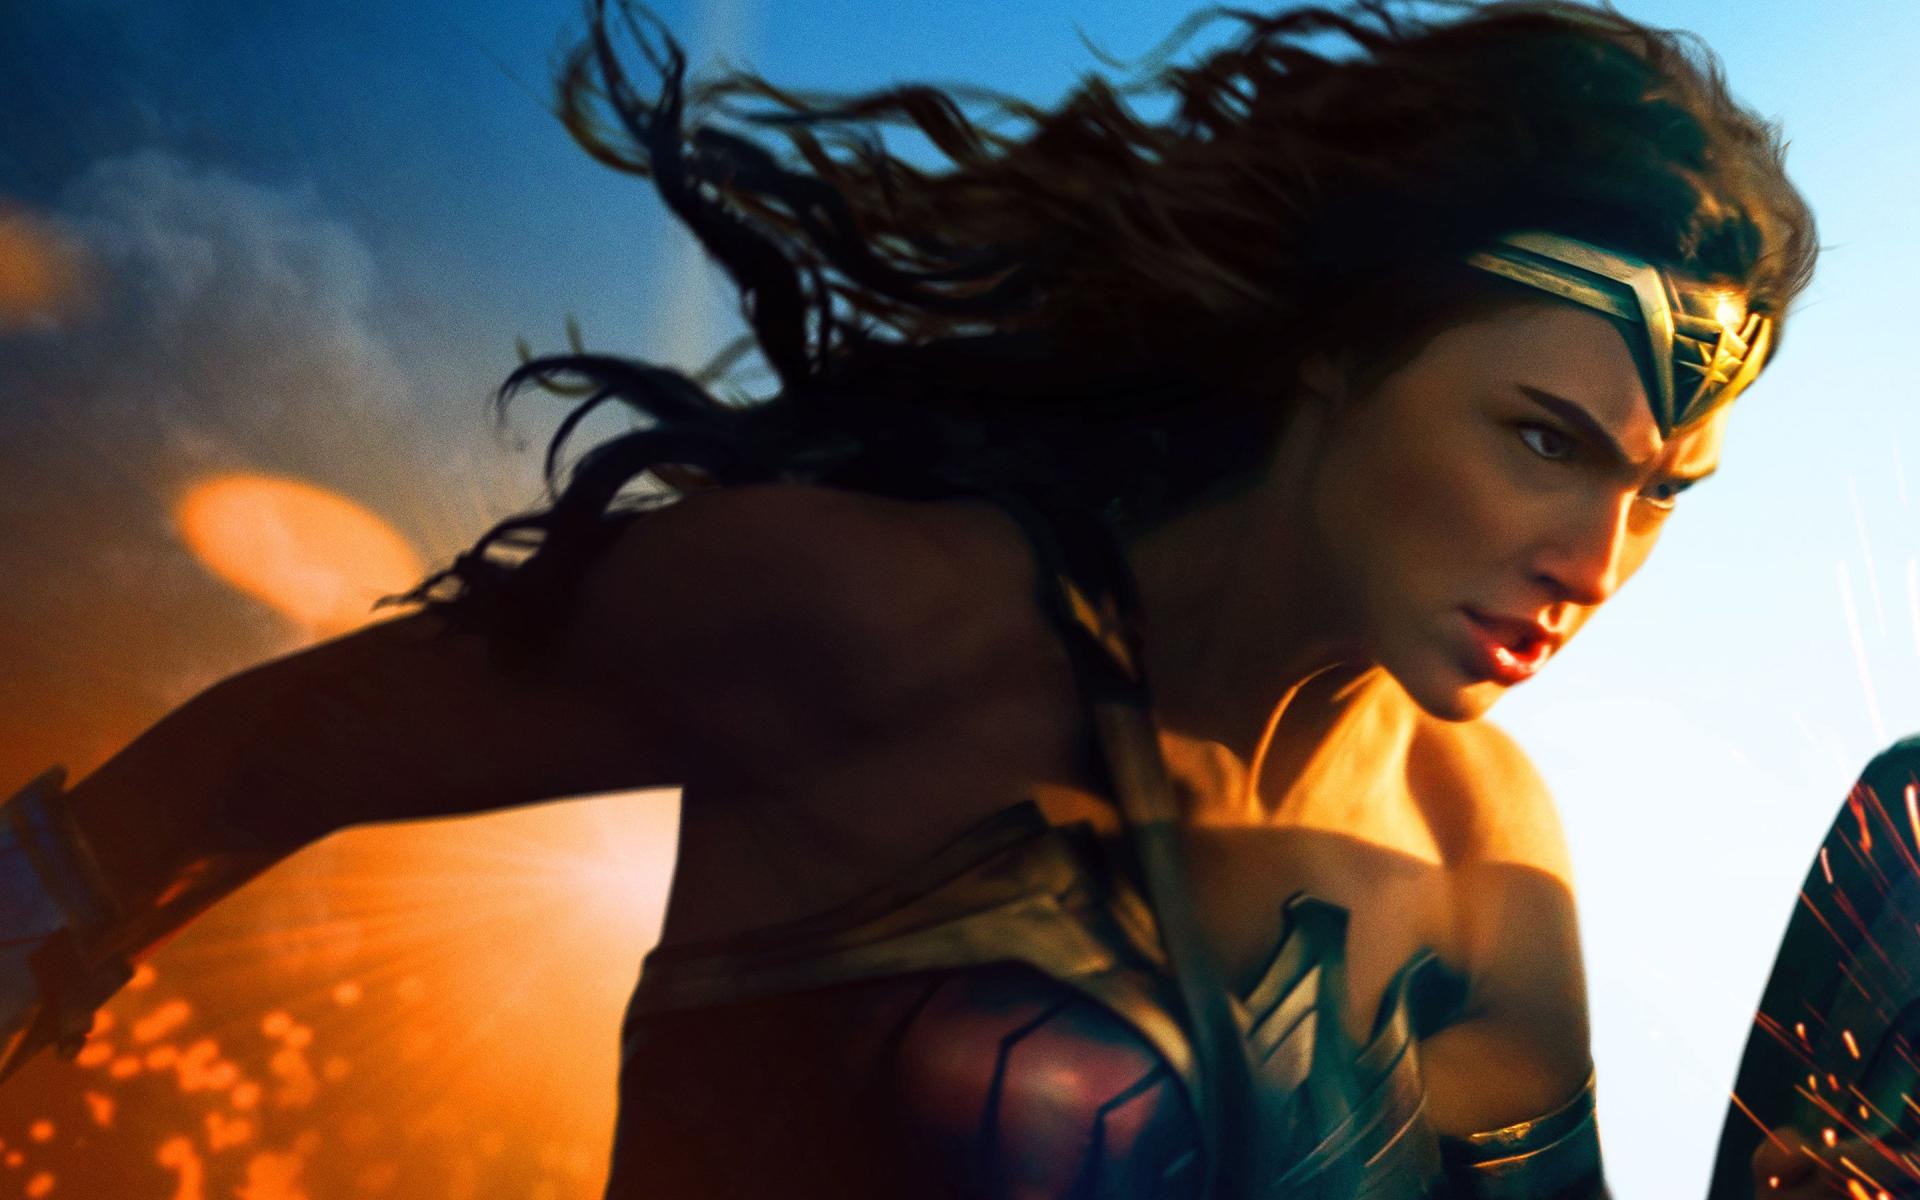 1920x1200 Gal Gadot In Wonder Woman 2017 1200p Wallpaper Hd